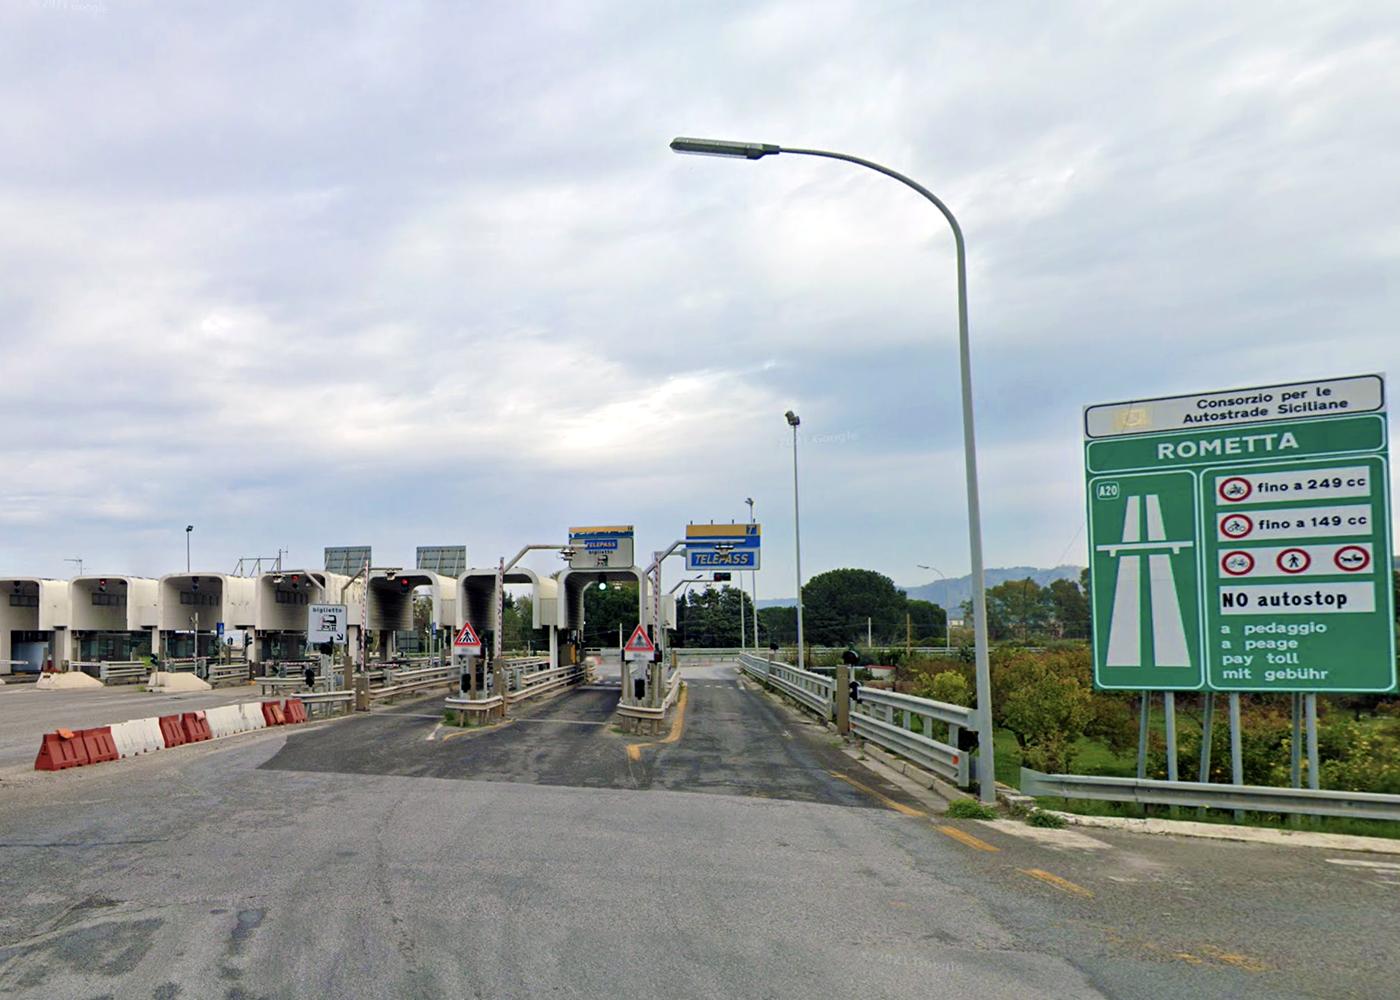 Riqualificazione A20: nuovo asfalto anche per lo svincolo di Rometta